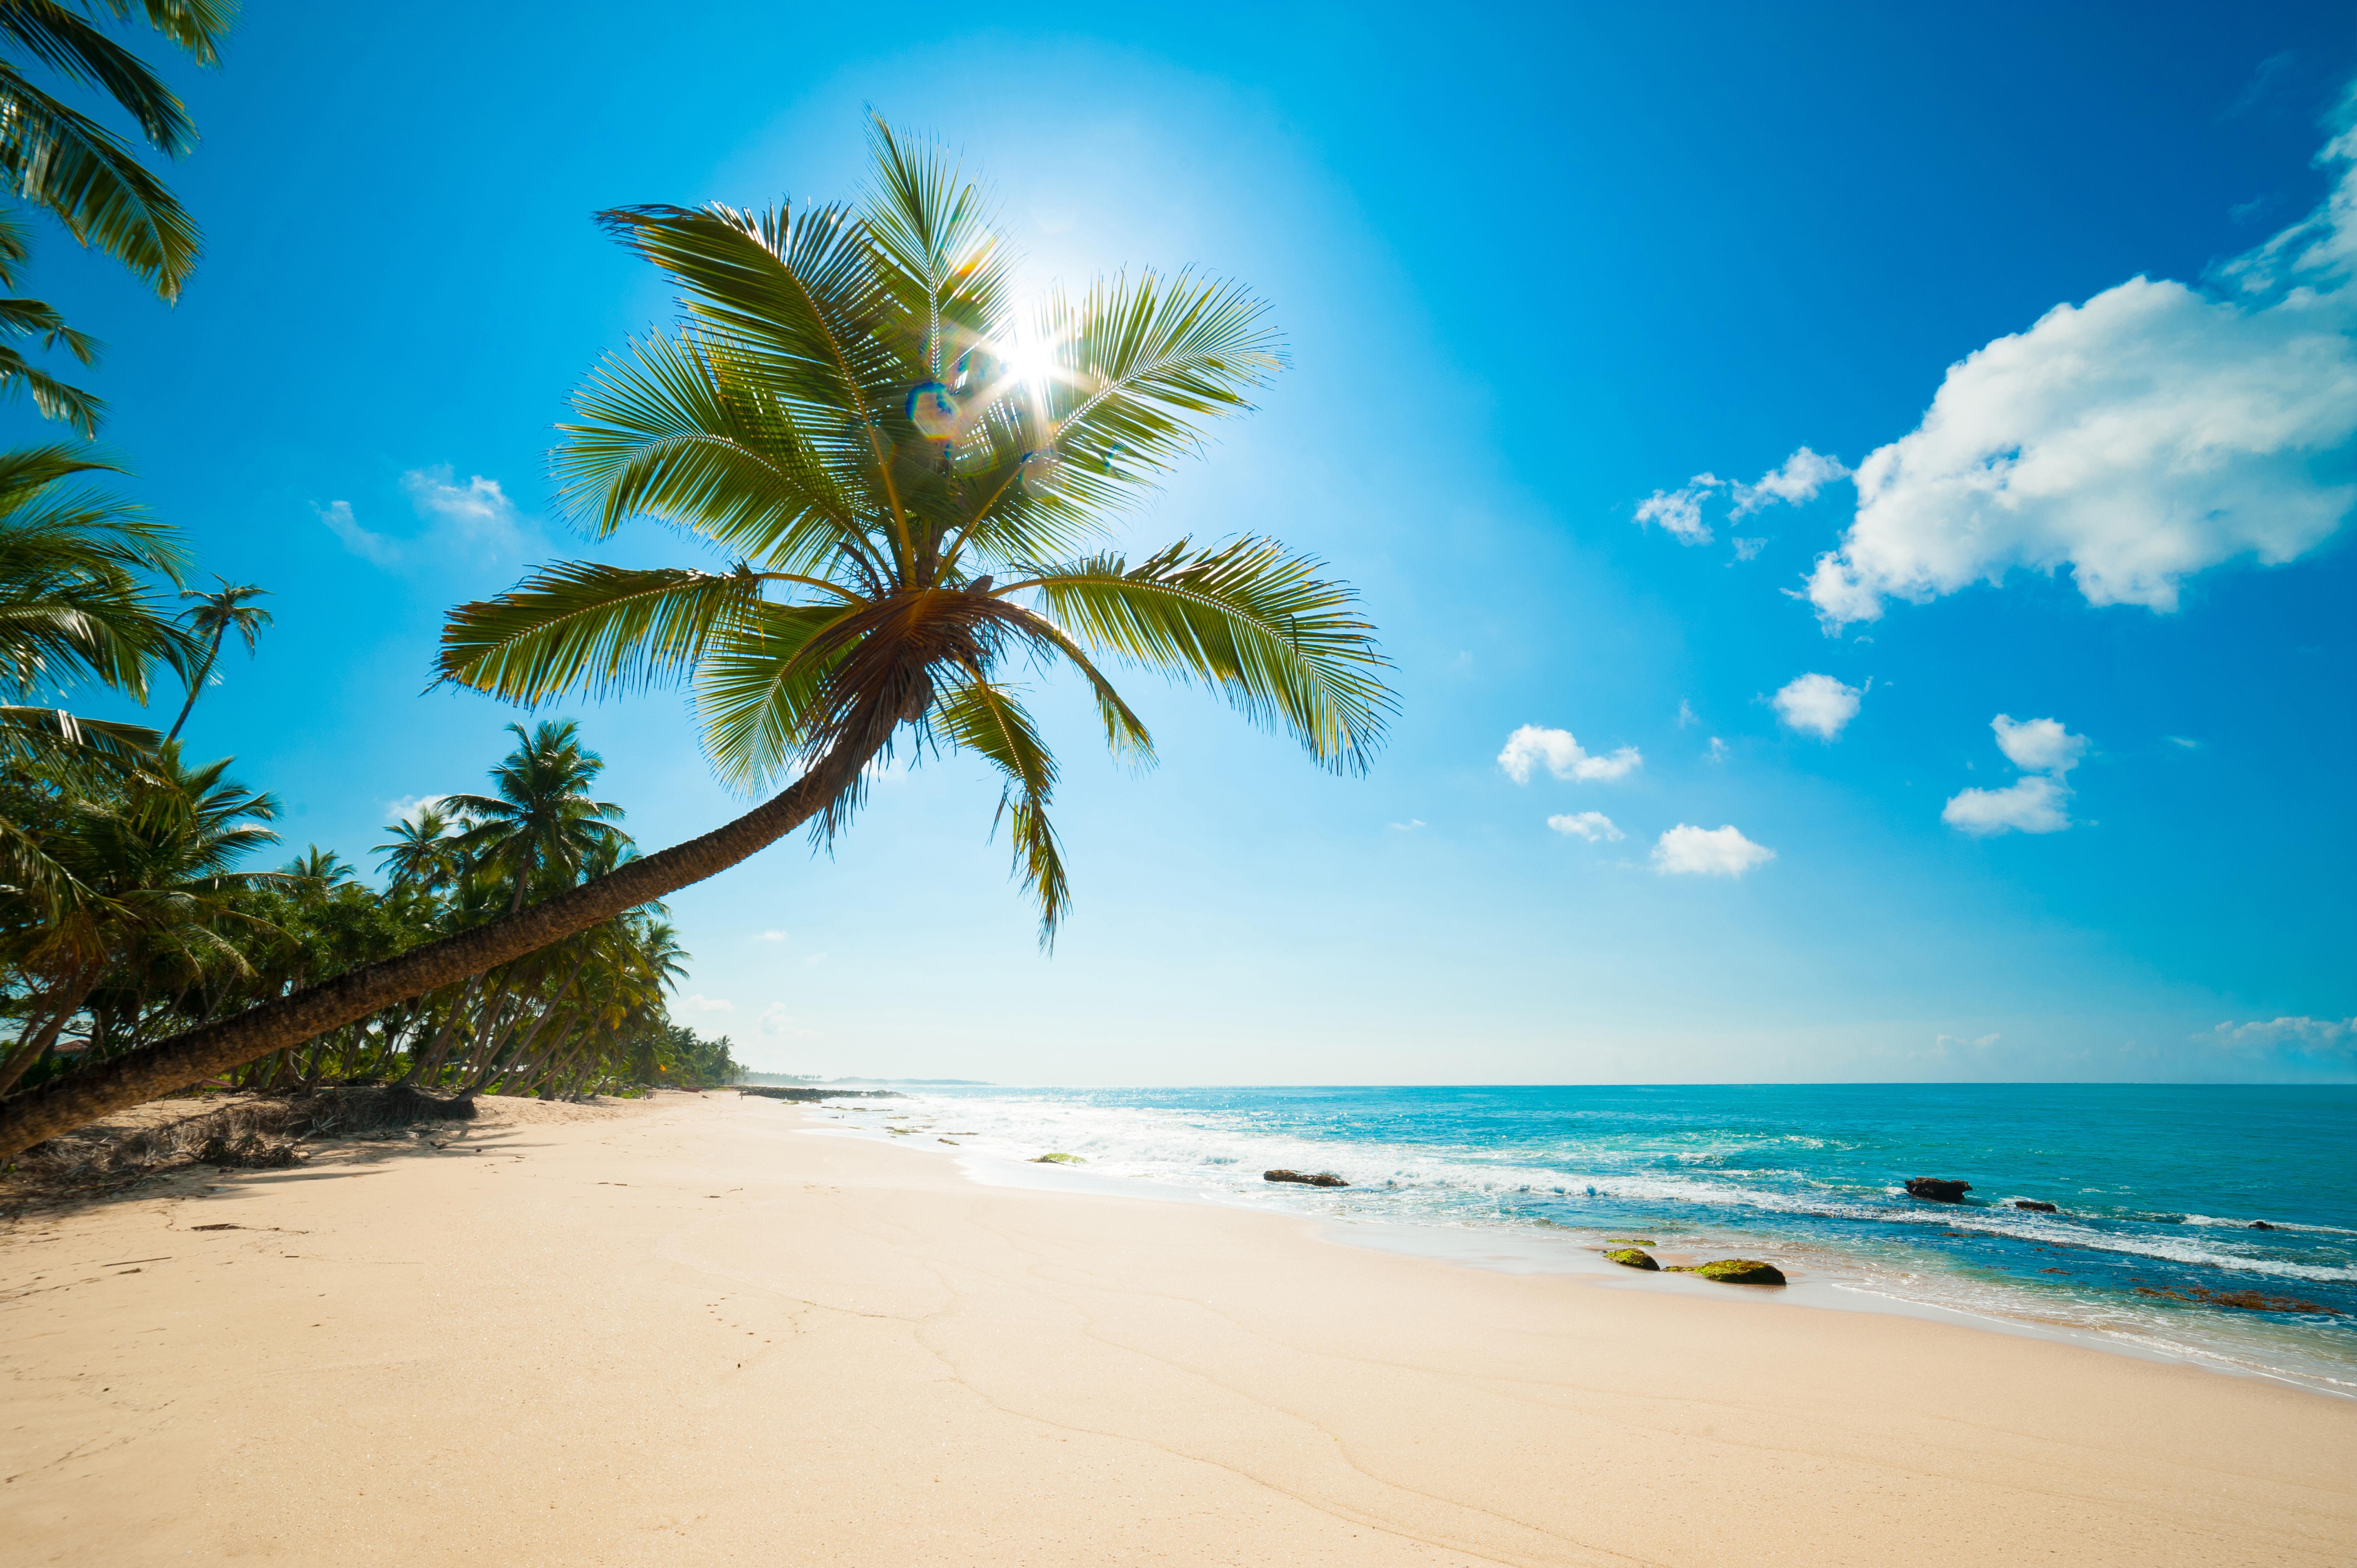 открытки море солнце пляж кипр что настоящая